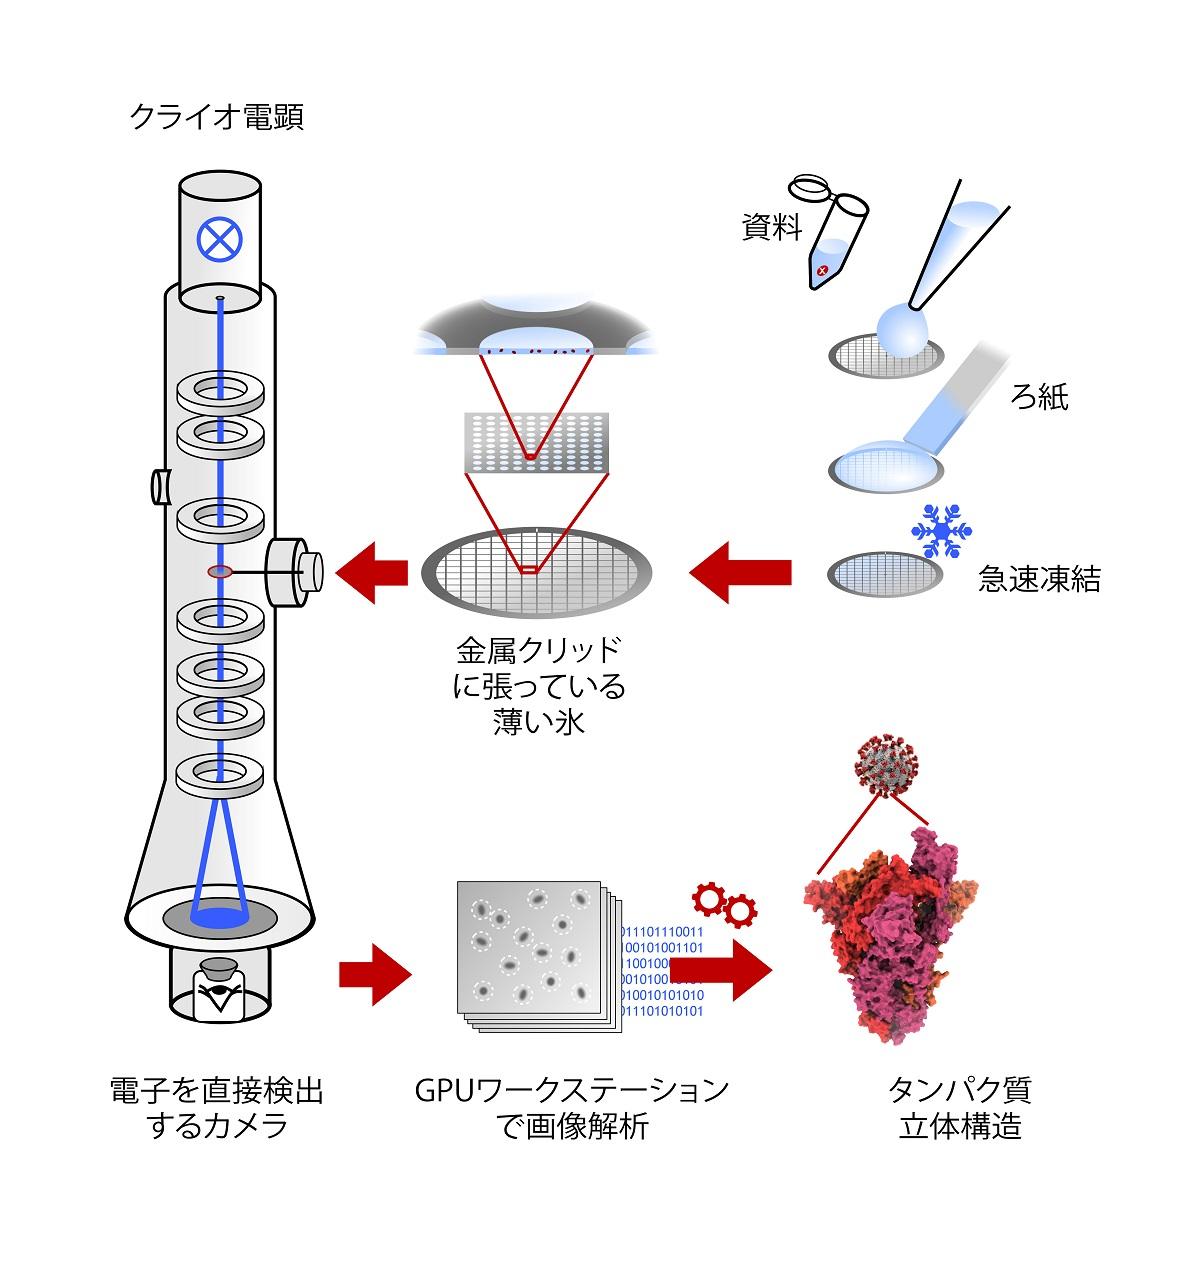 写真・図版 : クライオ電子顕微鏡を使ったタンパク質構造研究の手順。凍らせたガラス状の薄い膜を作り、何千もの画像を撮影した後、コンピューターで3D構造を再構築する